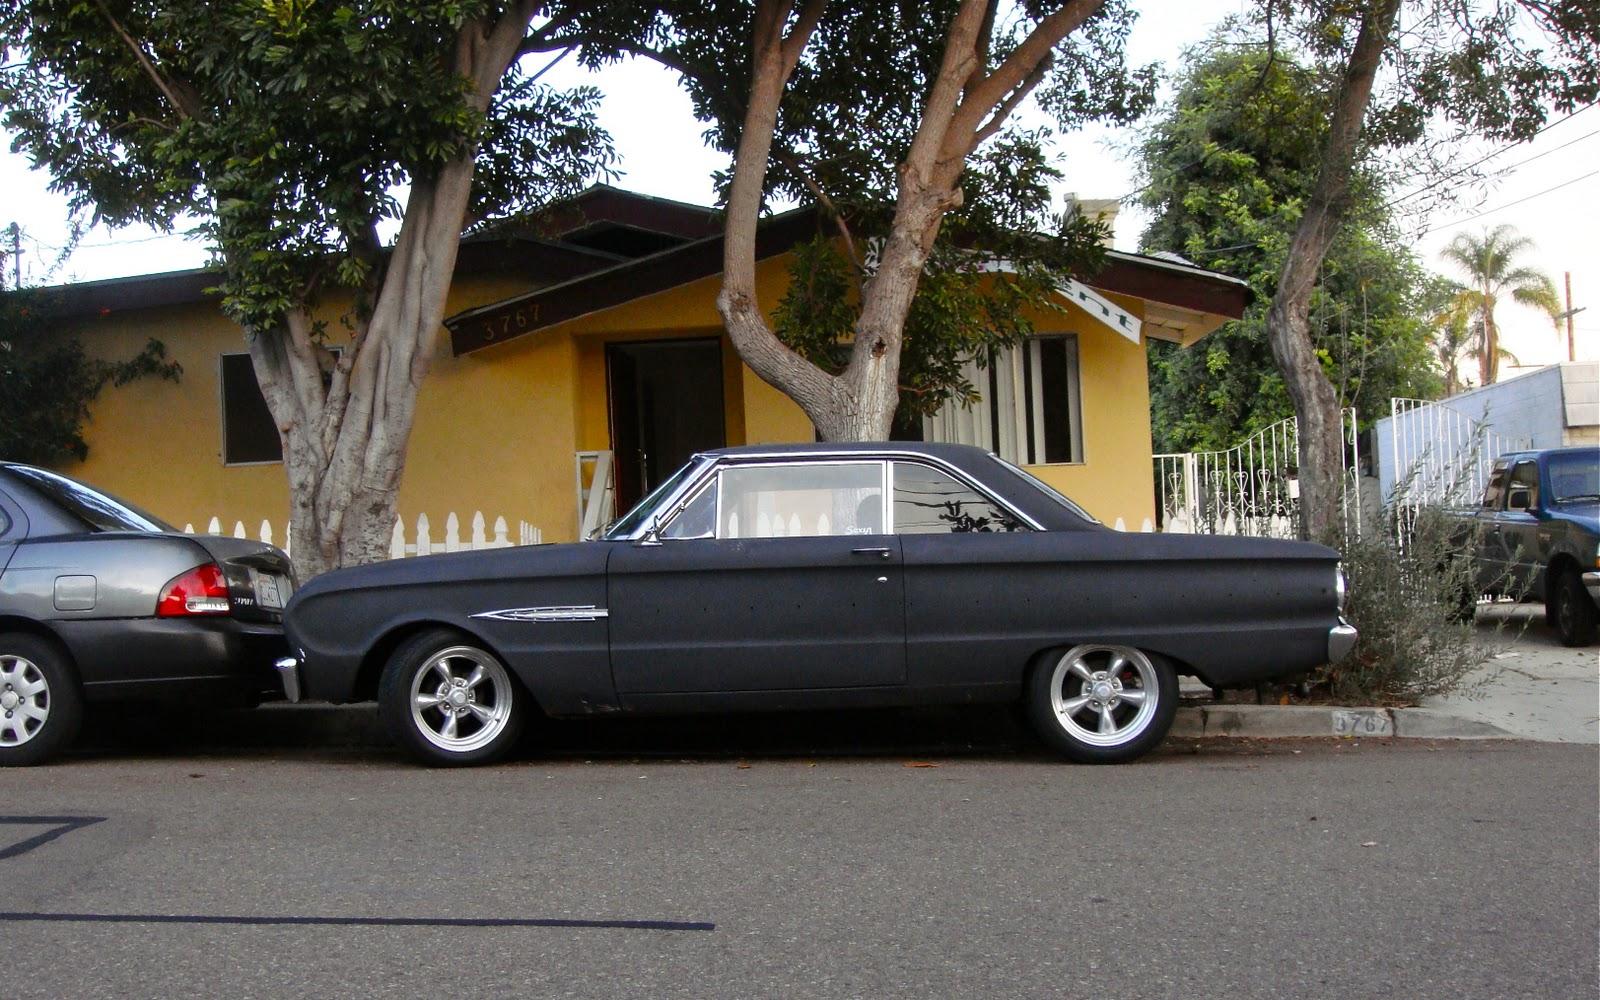 Custom Ford Falcon additionally 1966 Ford Falcon Sprint moreover Sale moreover Ford Falcon Sprint also 2005 Gt. on 1963 ford falcon sprint for sale